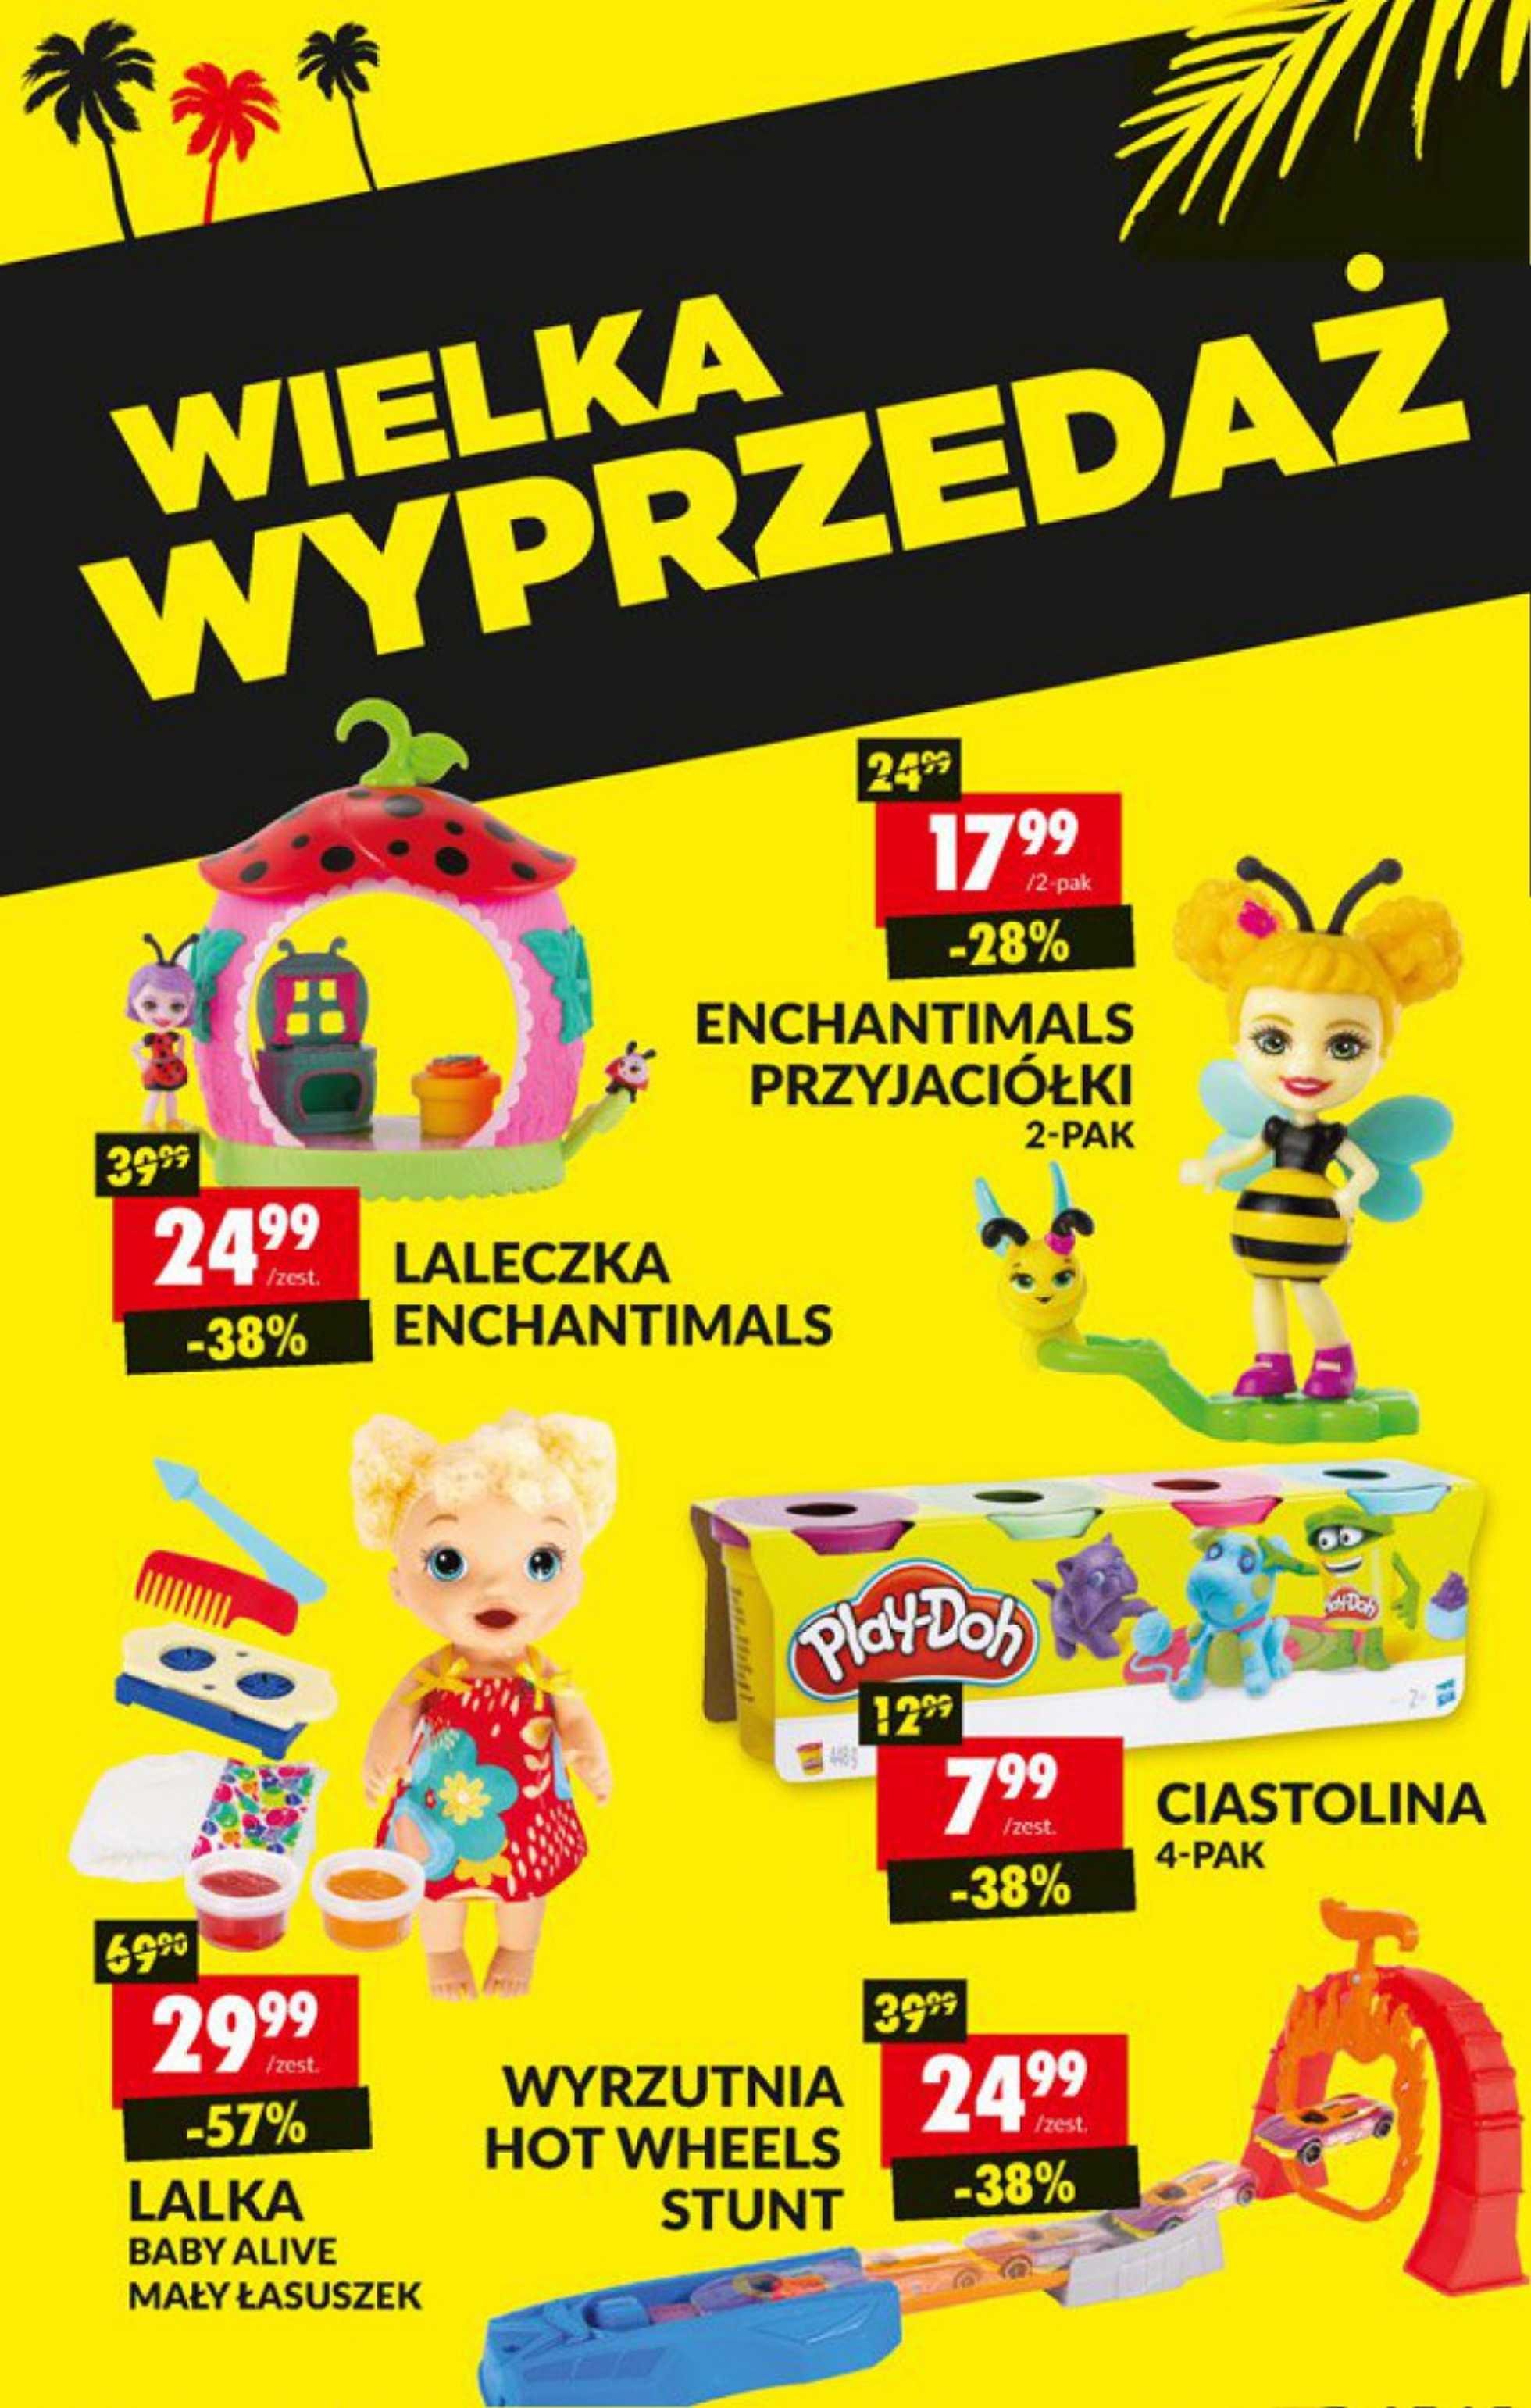 Biedronka - gazetka promocyjna ważna od 24.06.2019 do 06.07.2019 - strona 2.